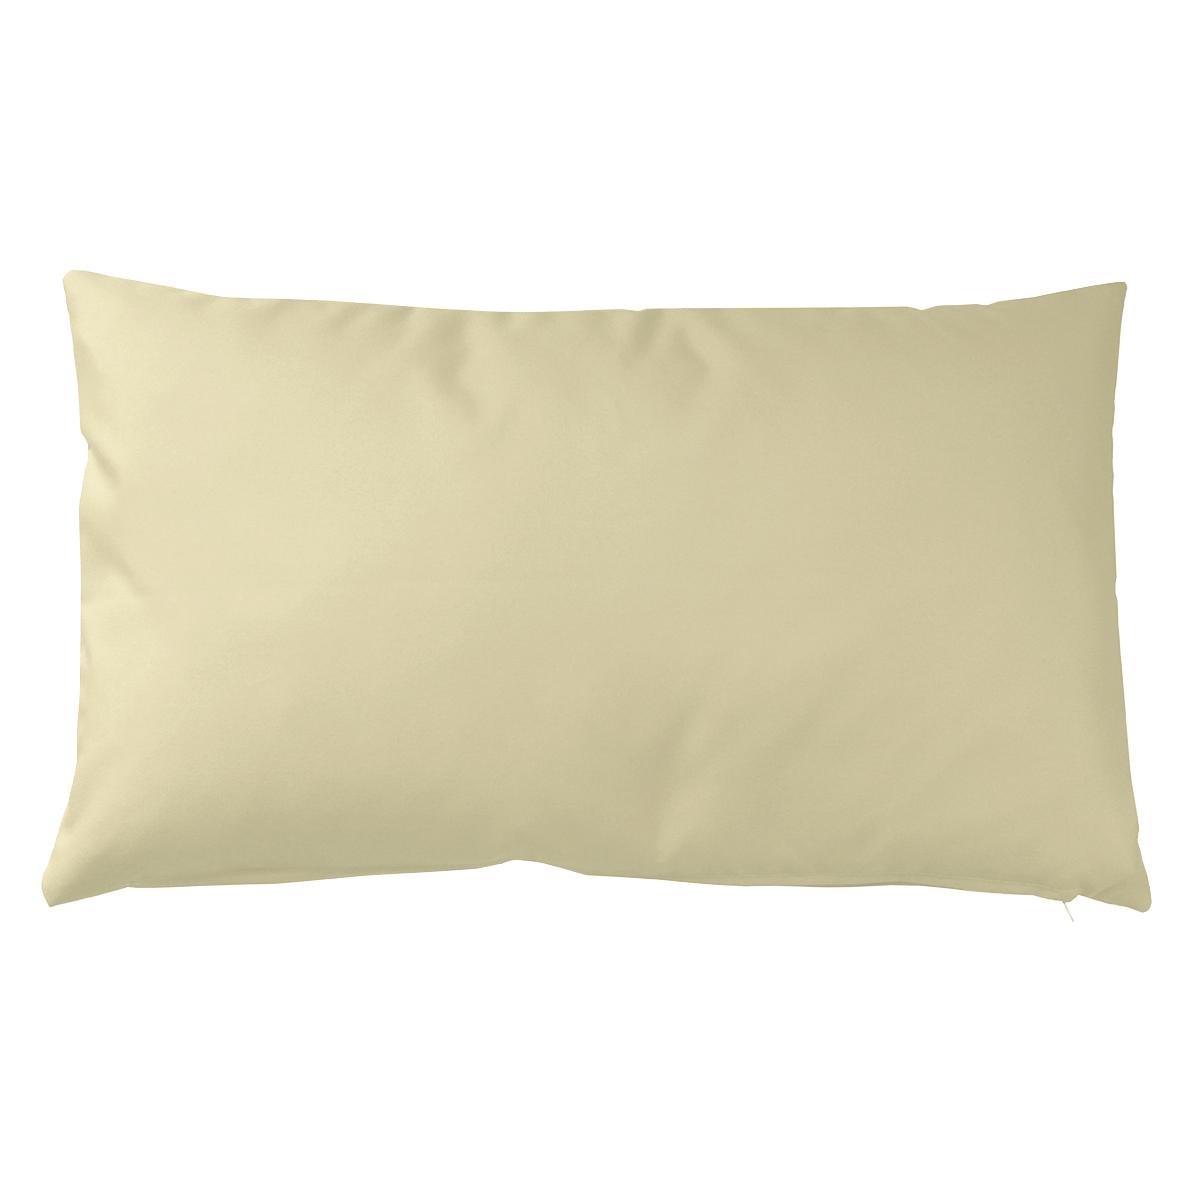 Housse de coussin d'extérieur en tissu outdoor - Ecru - 30 x 50 cm